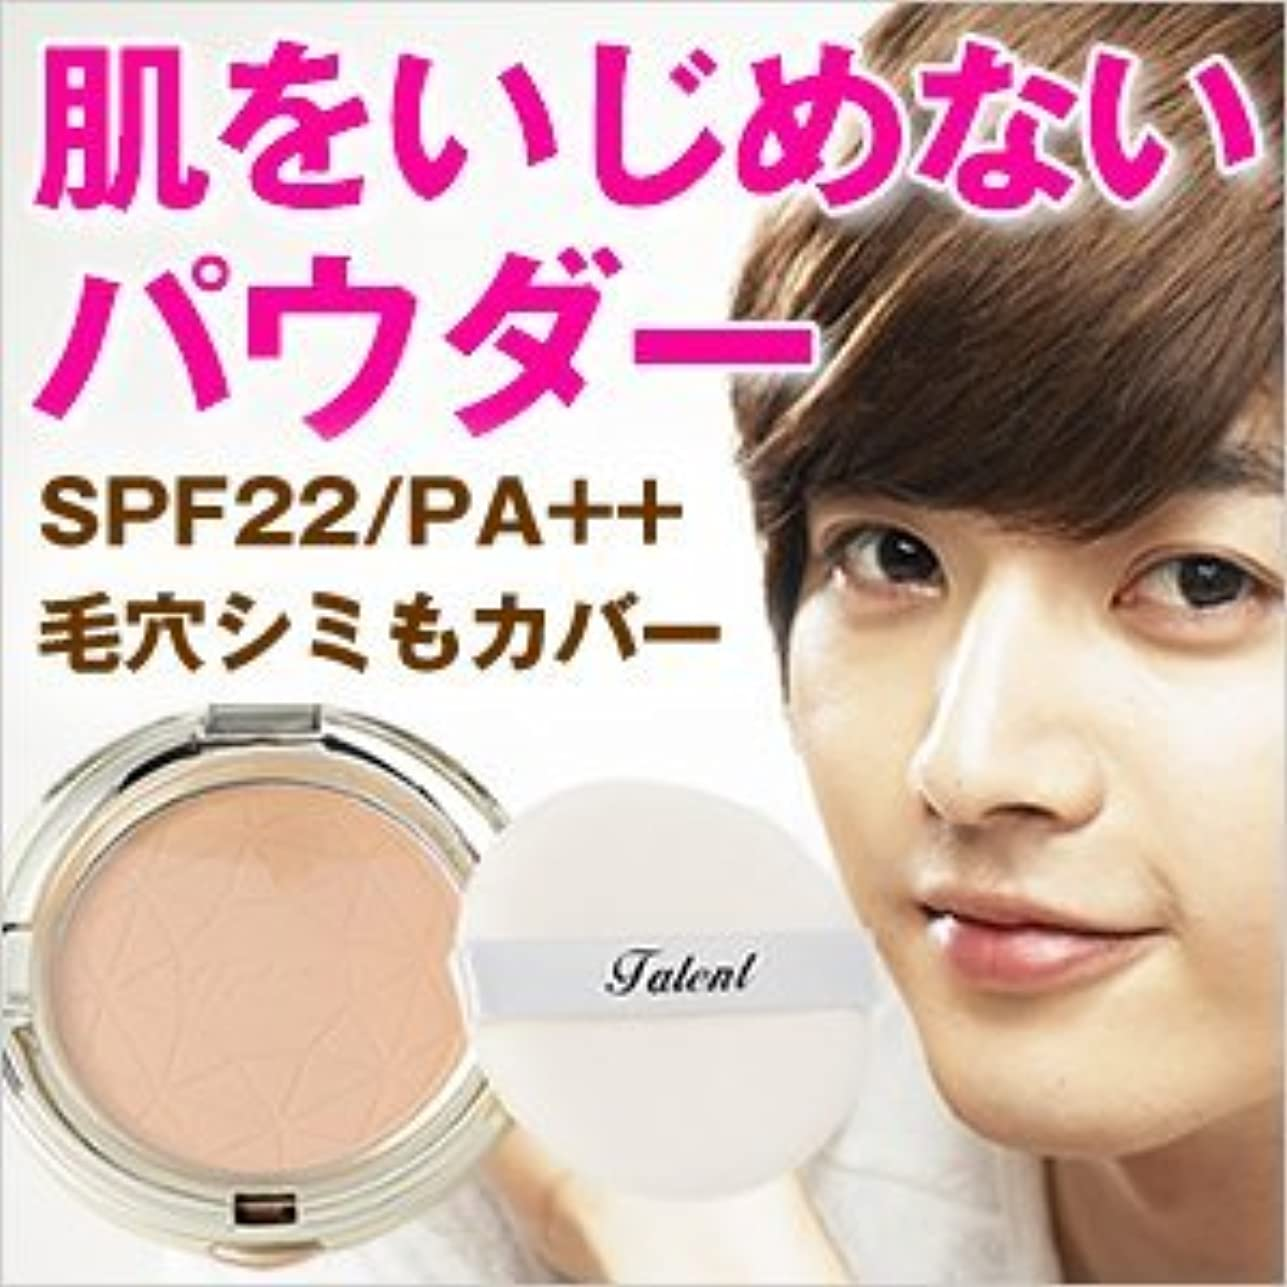 記憶森シャータレント化粧品 BBエスカルゴパールパウダーパクト SPF22/PA++ 13g